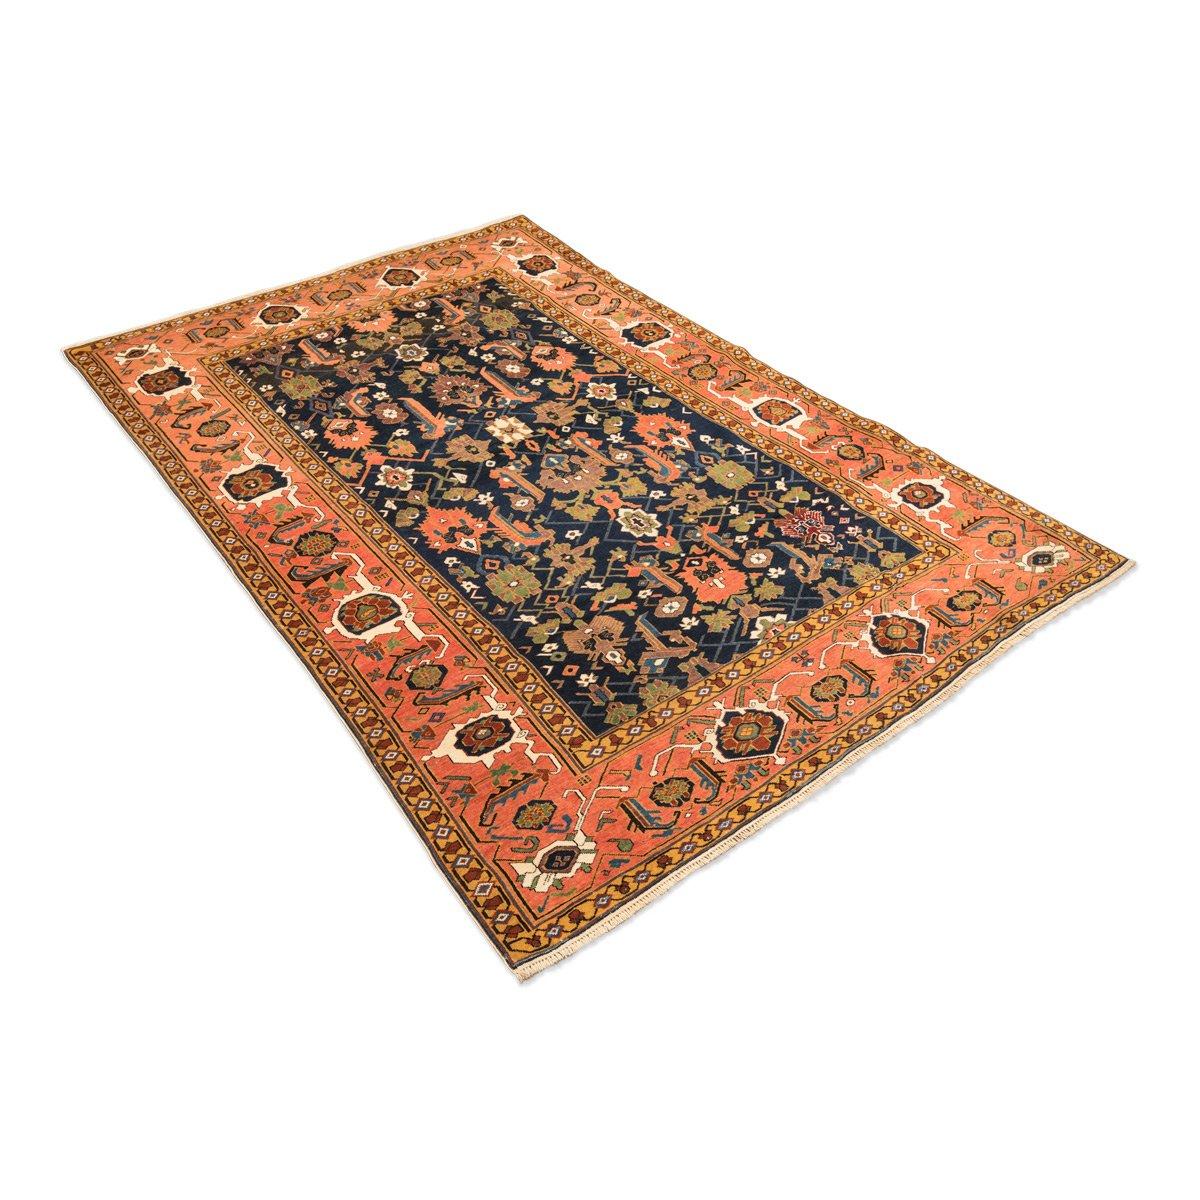 tapis erivan antique 19th century avec n ud fin motif g om trique en vente sur pamono. Black Bedroom Furniture Sets. Home Design Ideas